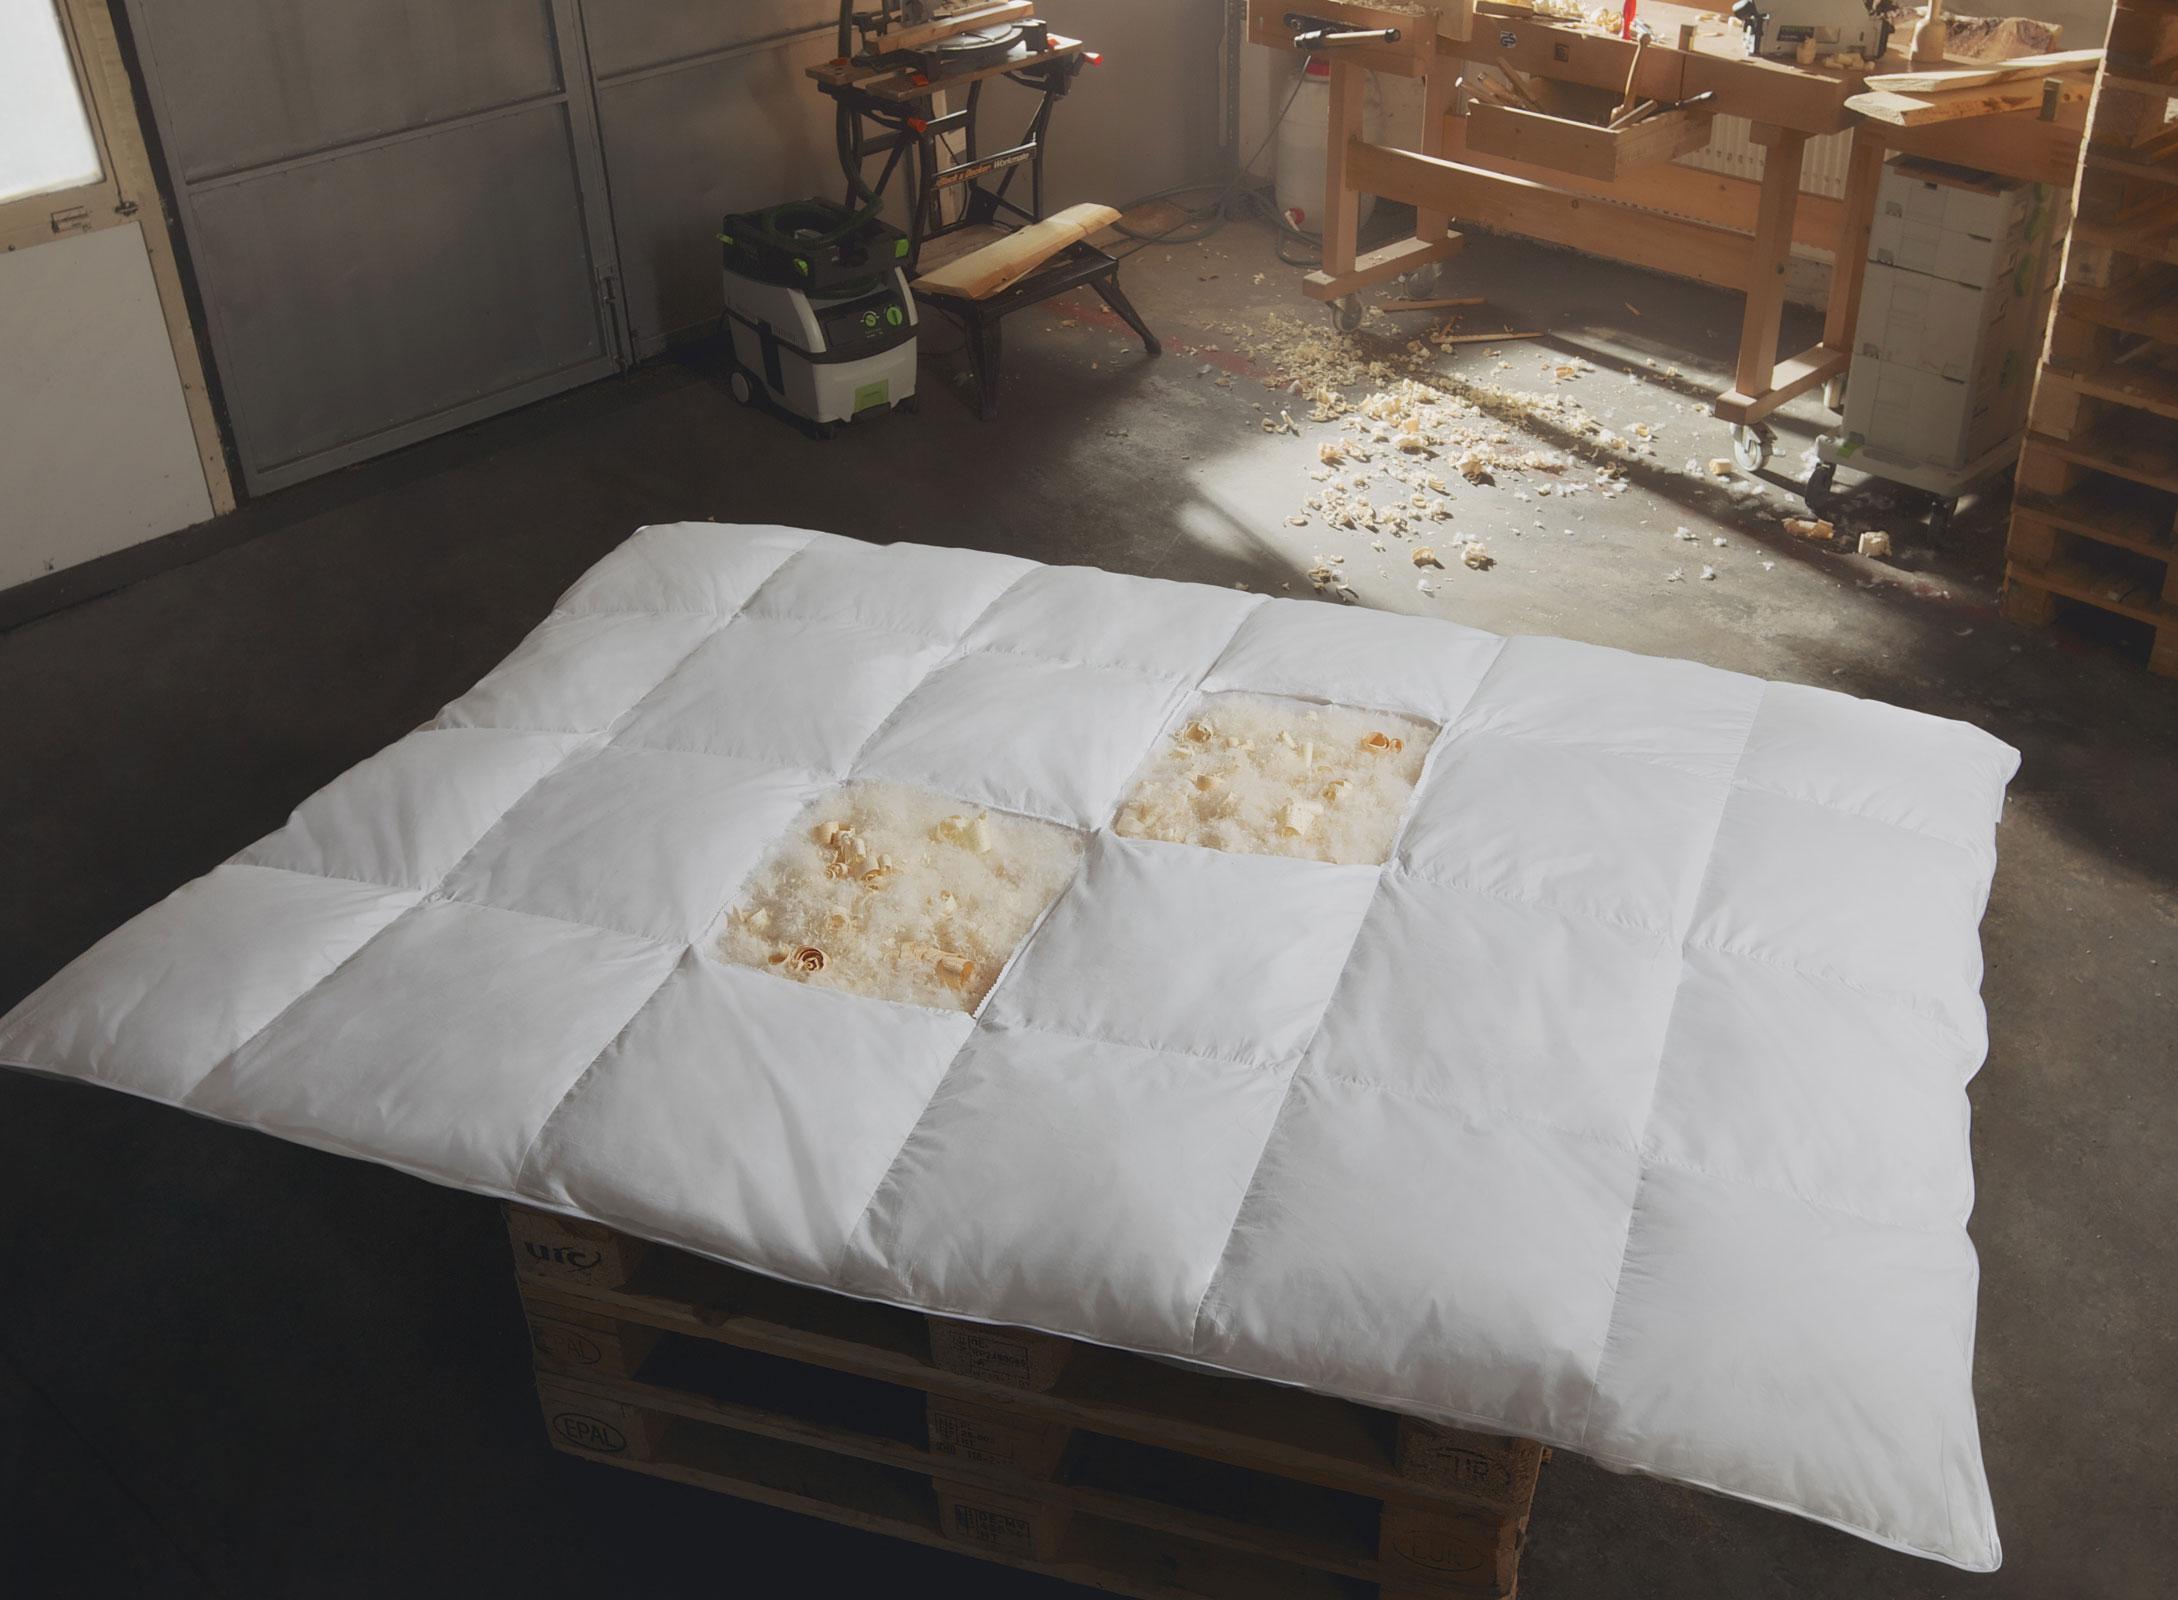 Bettdecken und Kopfkissen - Zirben Daunen Bettdecke Ganzjahresbett leicht 155x200 Hermetic® Zirbe  - Onlineshop PremiumShop321